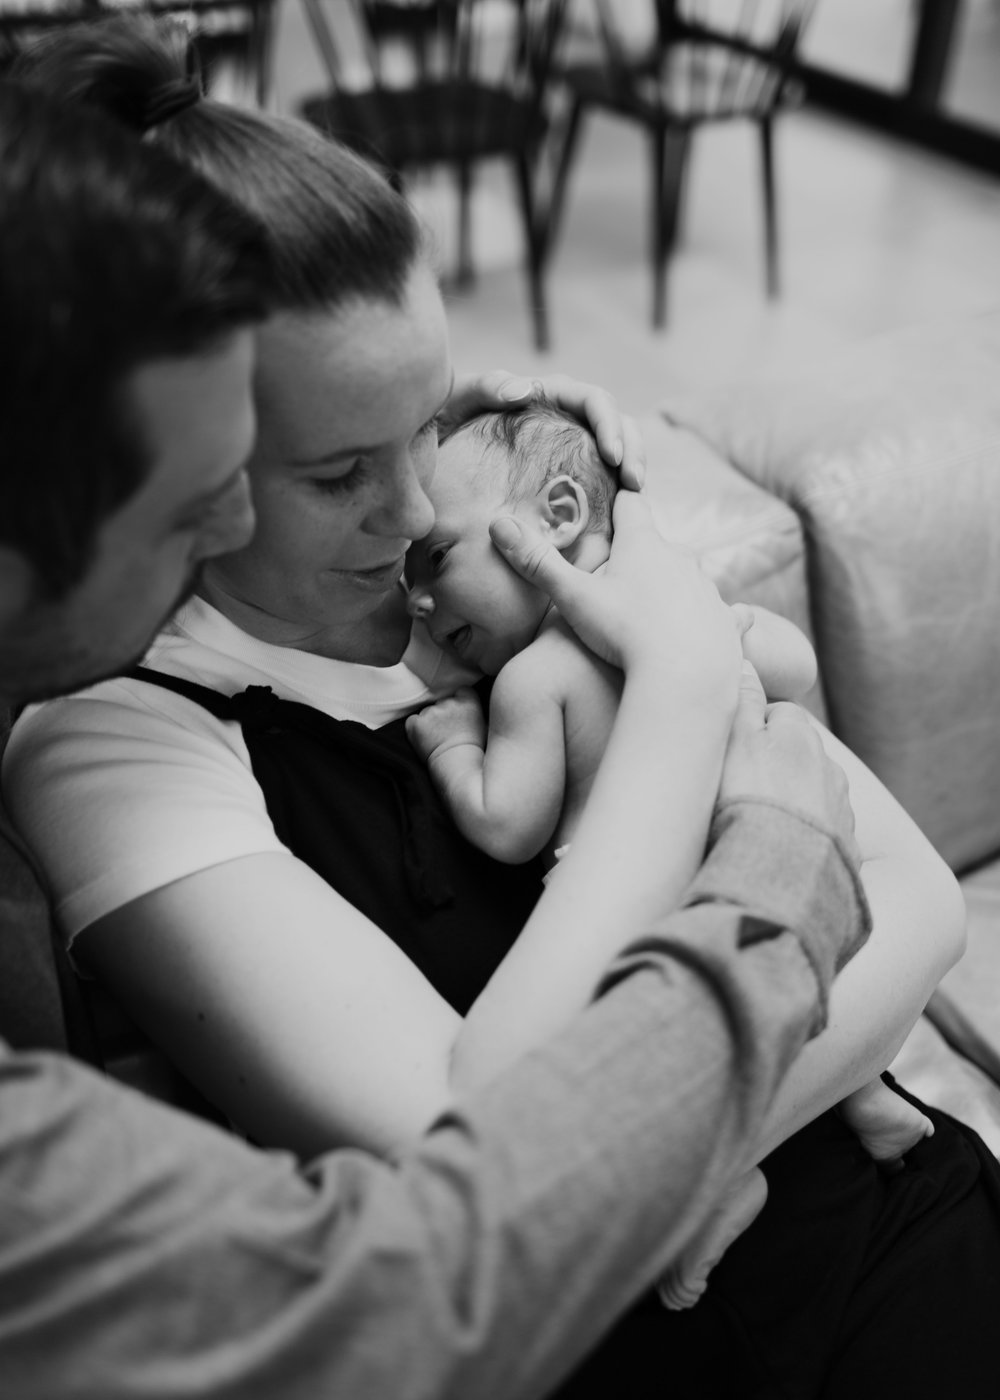 colorado-springs-newborn-photographer-55.jpg